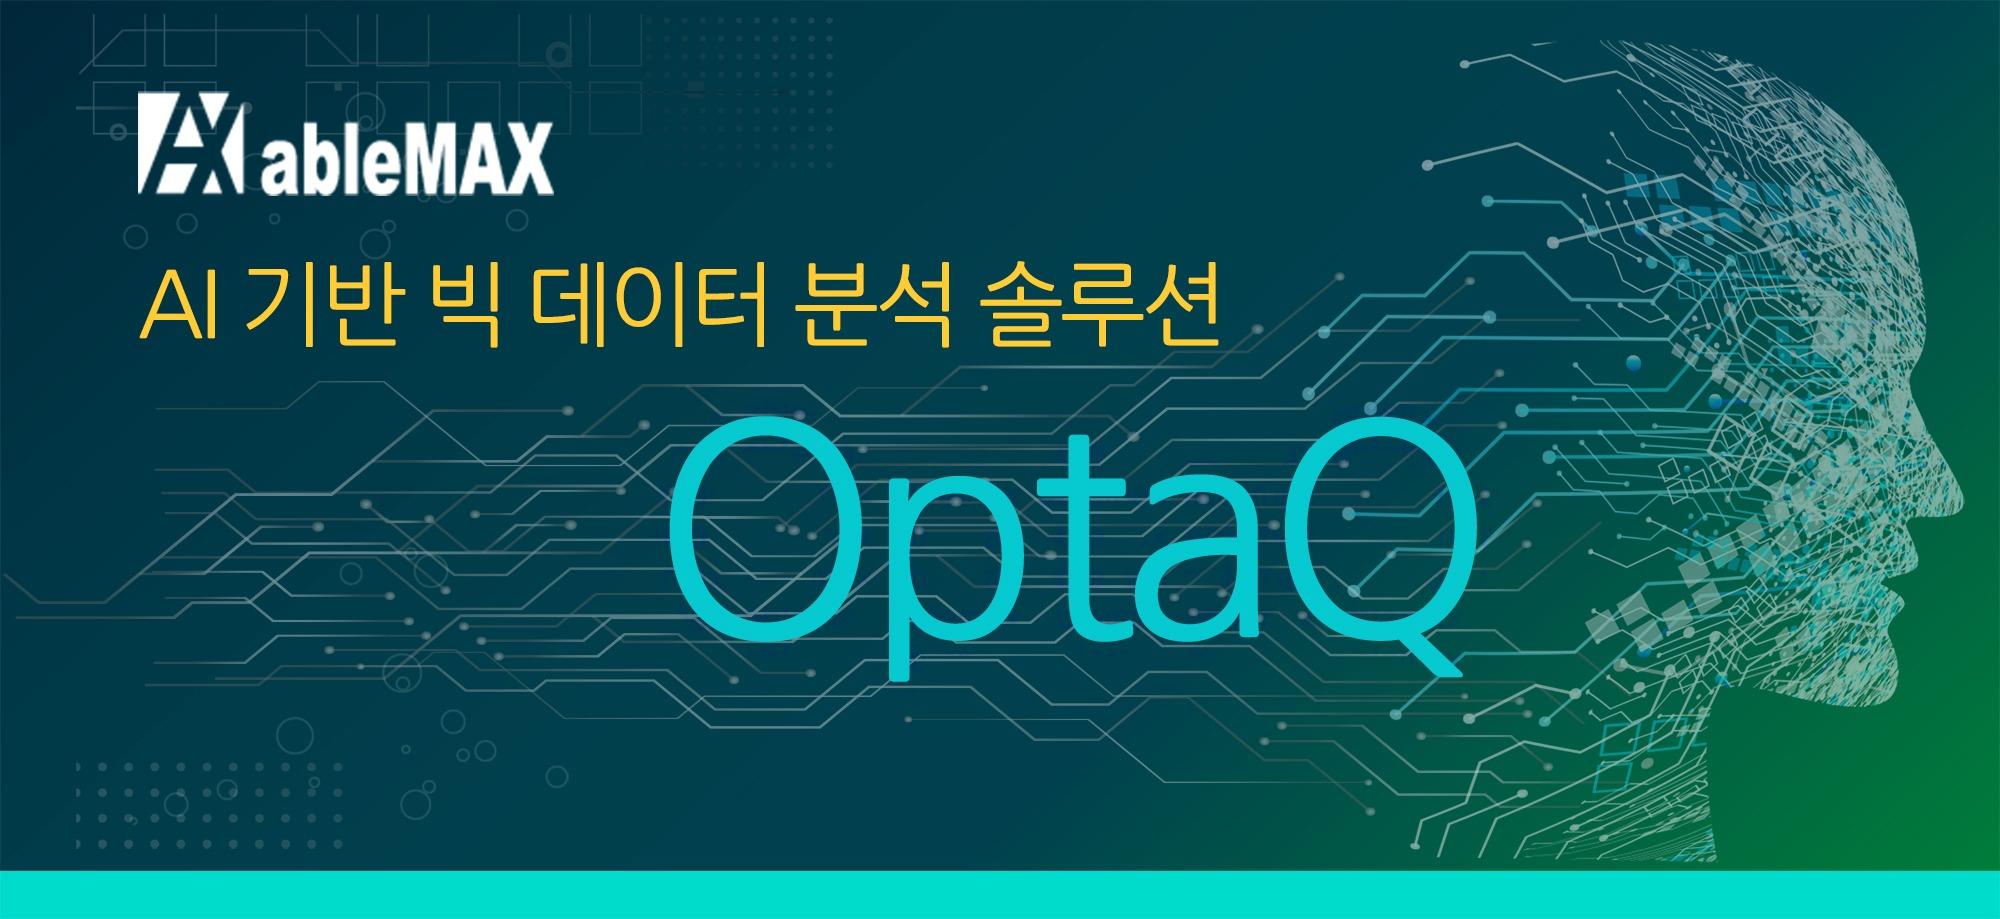 에이블맥스(주) 신제품 OptaQ